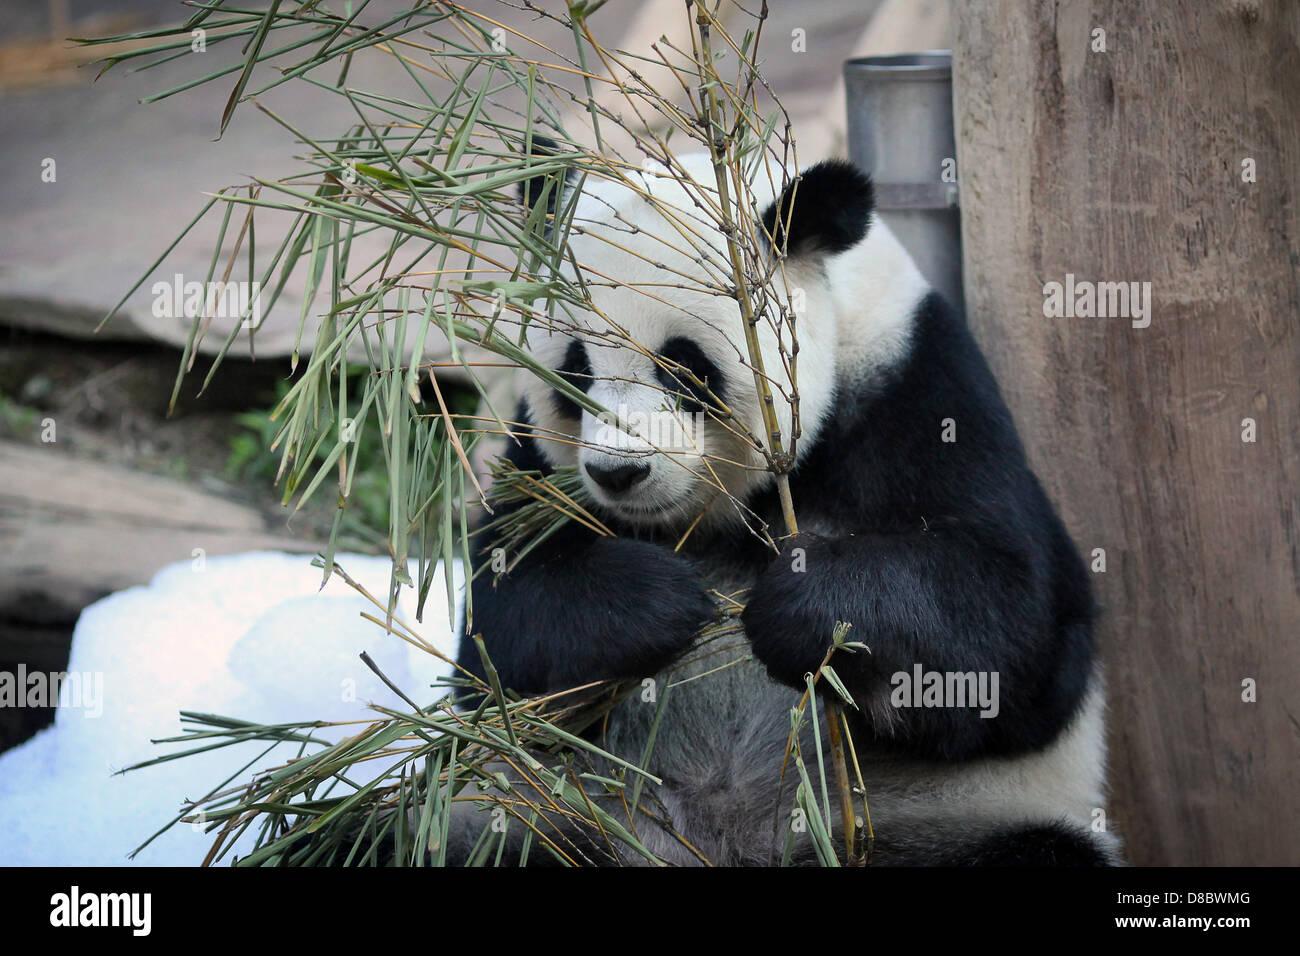 Ein großer Panda, abgebildet im Zoo von Chiang Mai, Thailand. Foto: Fredrik von Erichsen Stockfoto